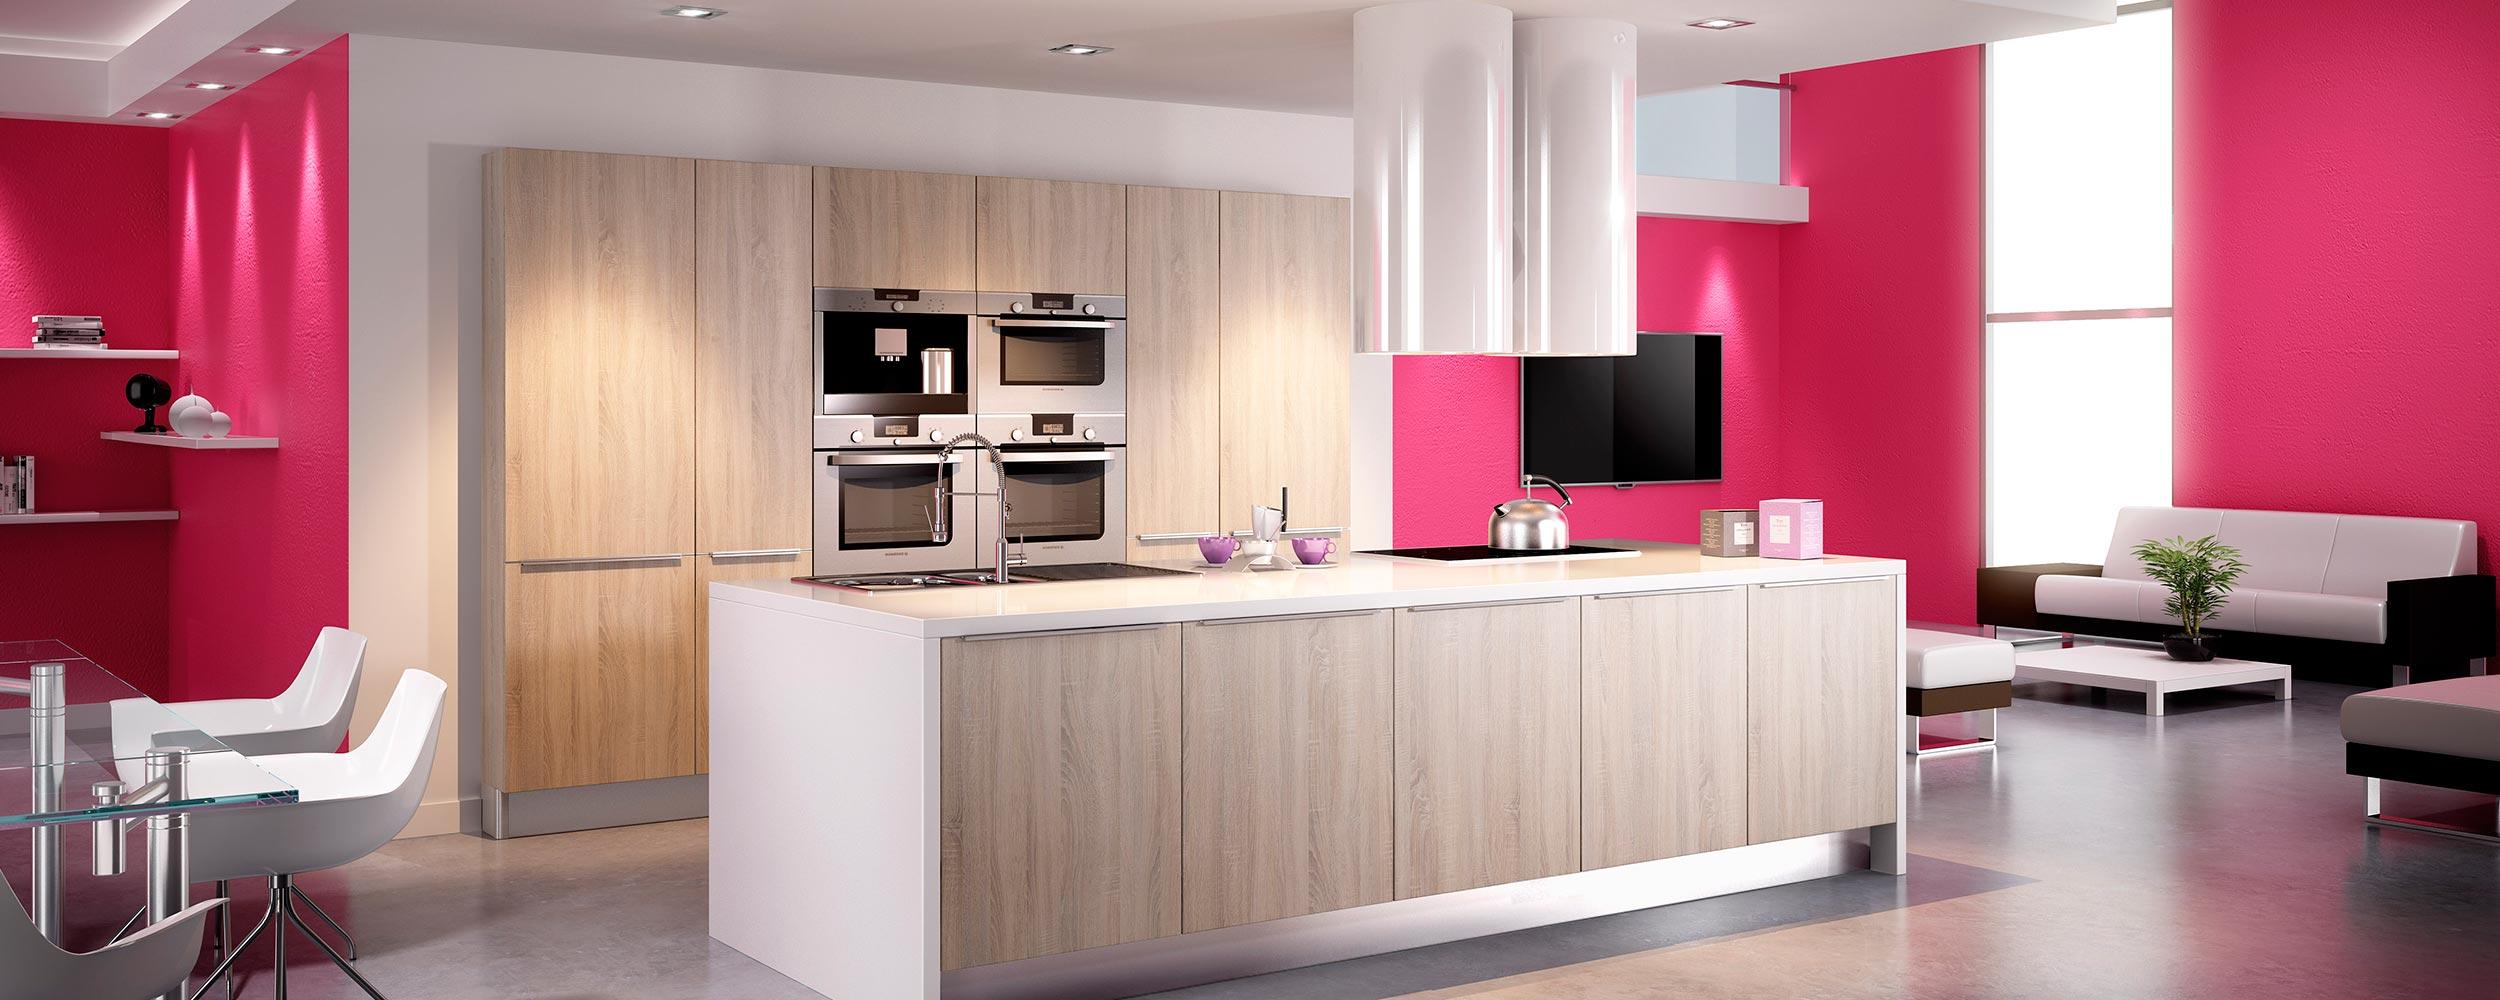 Idea cuisines modèle cottage chene flotté